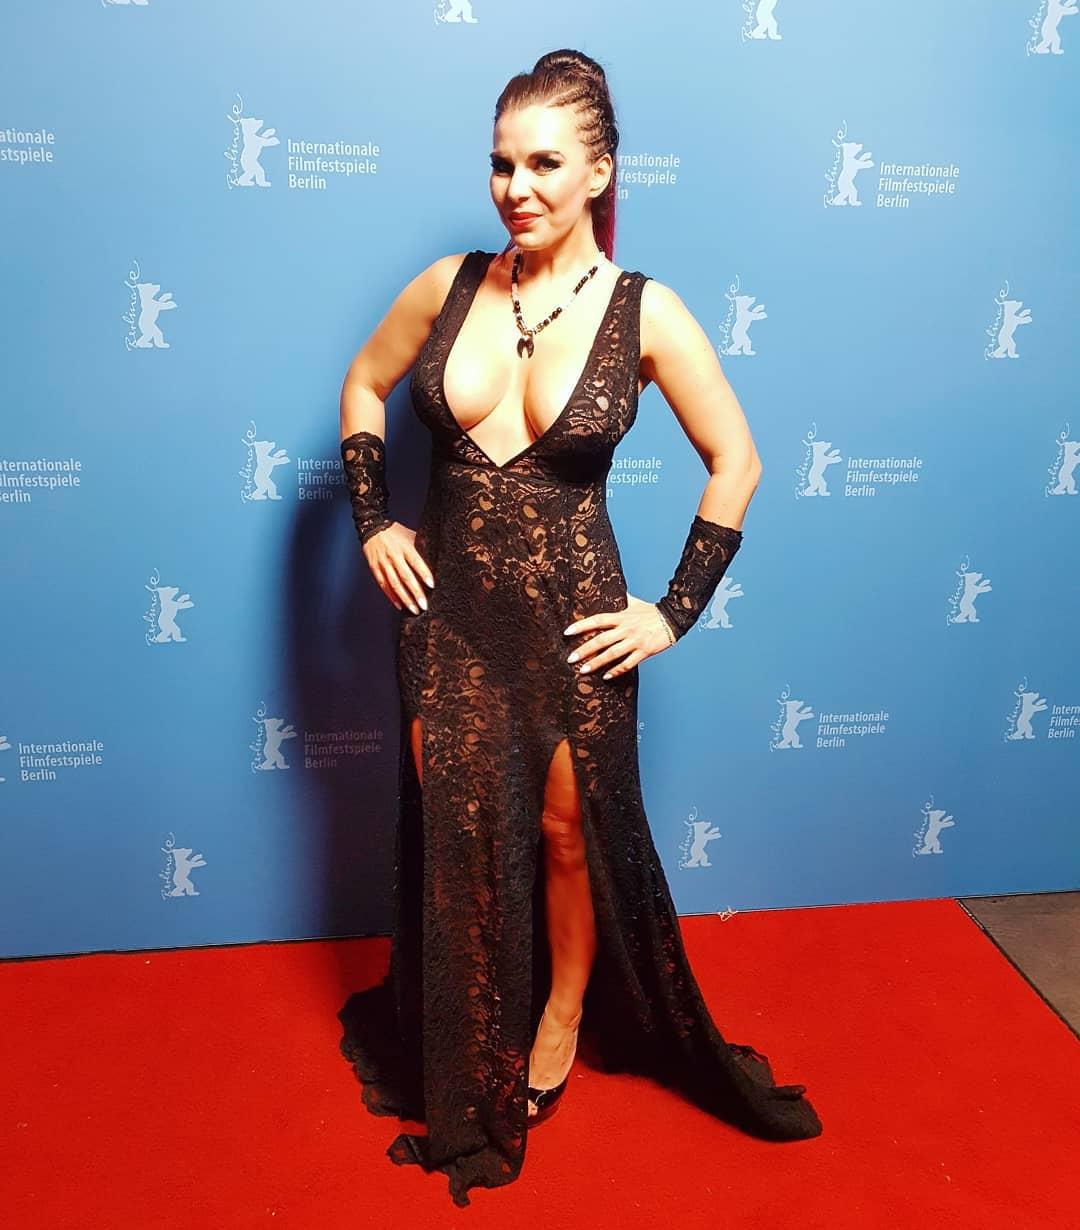 Ich wünsche Euch ein geiles Wochenende.  Kleid @sexy_handmade_berlin  Kette @royal.roxx  Sieht man, dass ich nackt unterm Kleid bin 😁😁😁 #model #Berlinale #Premiere #feierabendbier #kino #Movie #curvy #fashion #ootd #fitness #fit #Kleid #kette #mode #beauty #louboutins #german #ponytail #pornstar